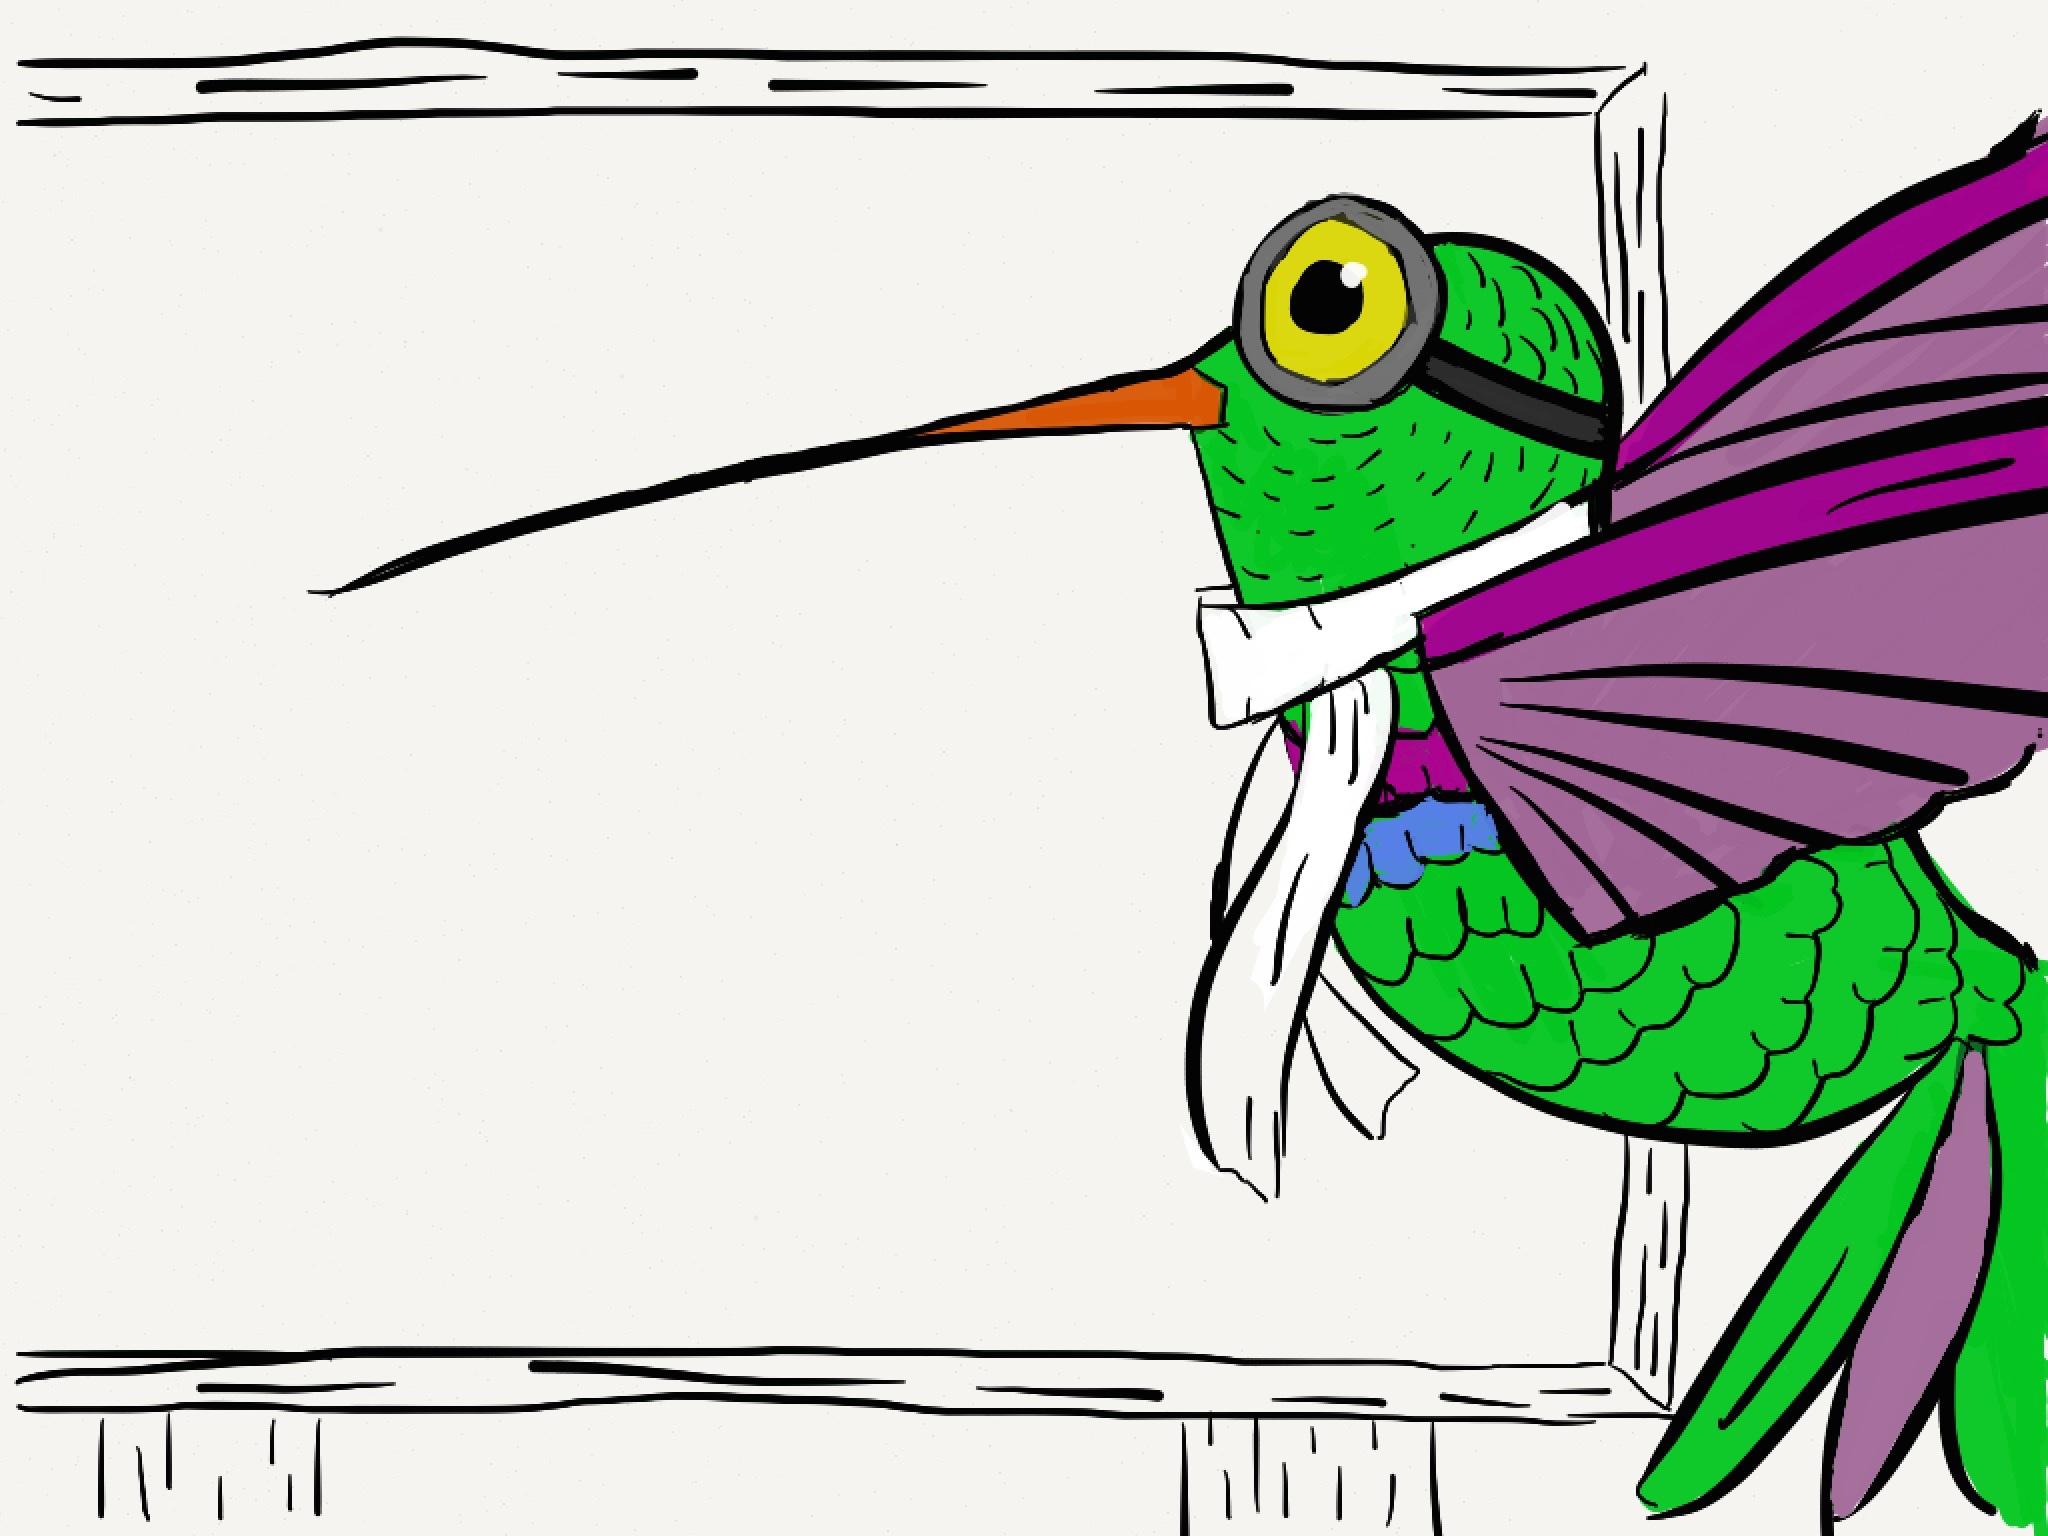 rachel-winner-illustrations-mckinney-texas 091.jpg